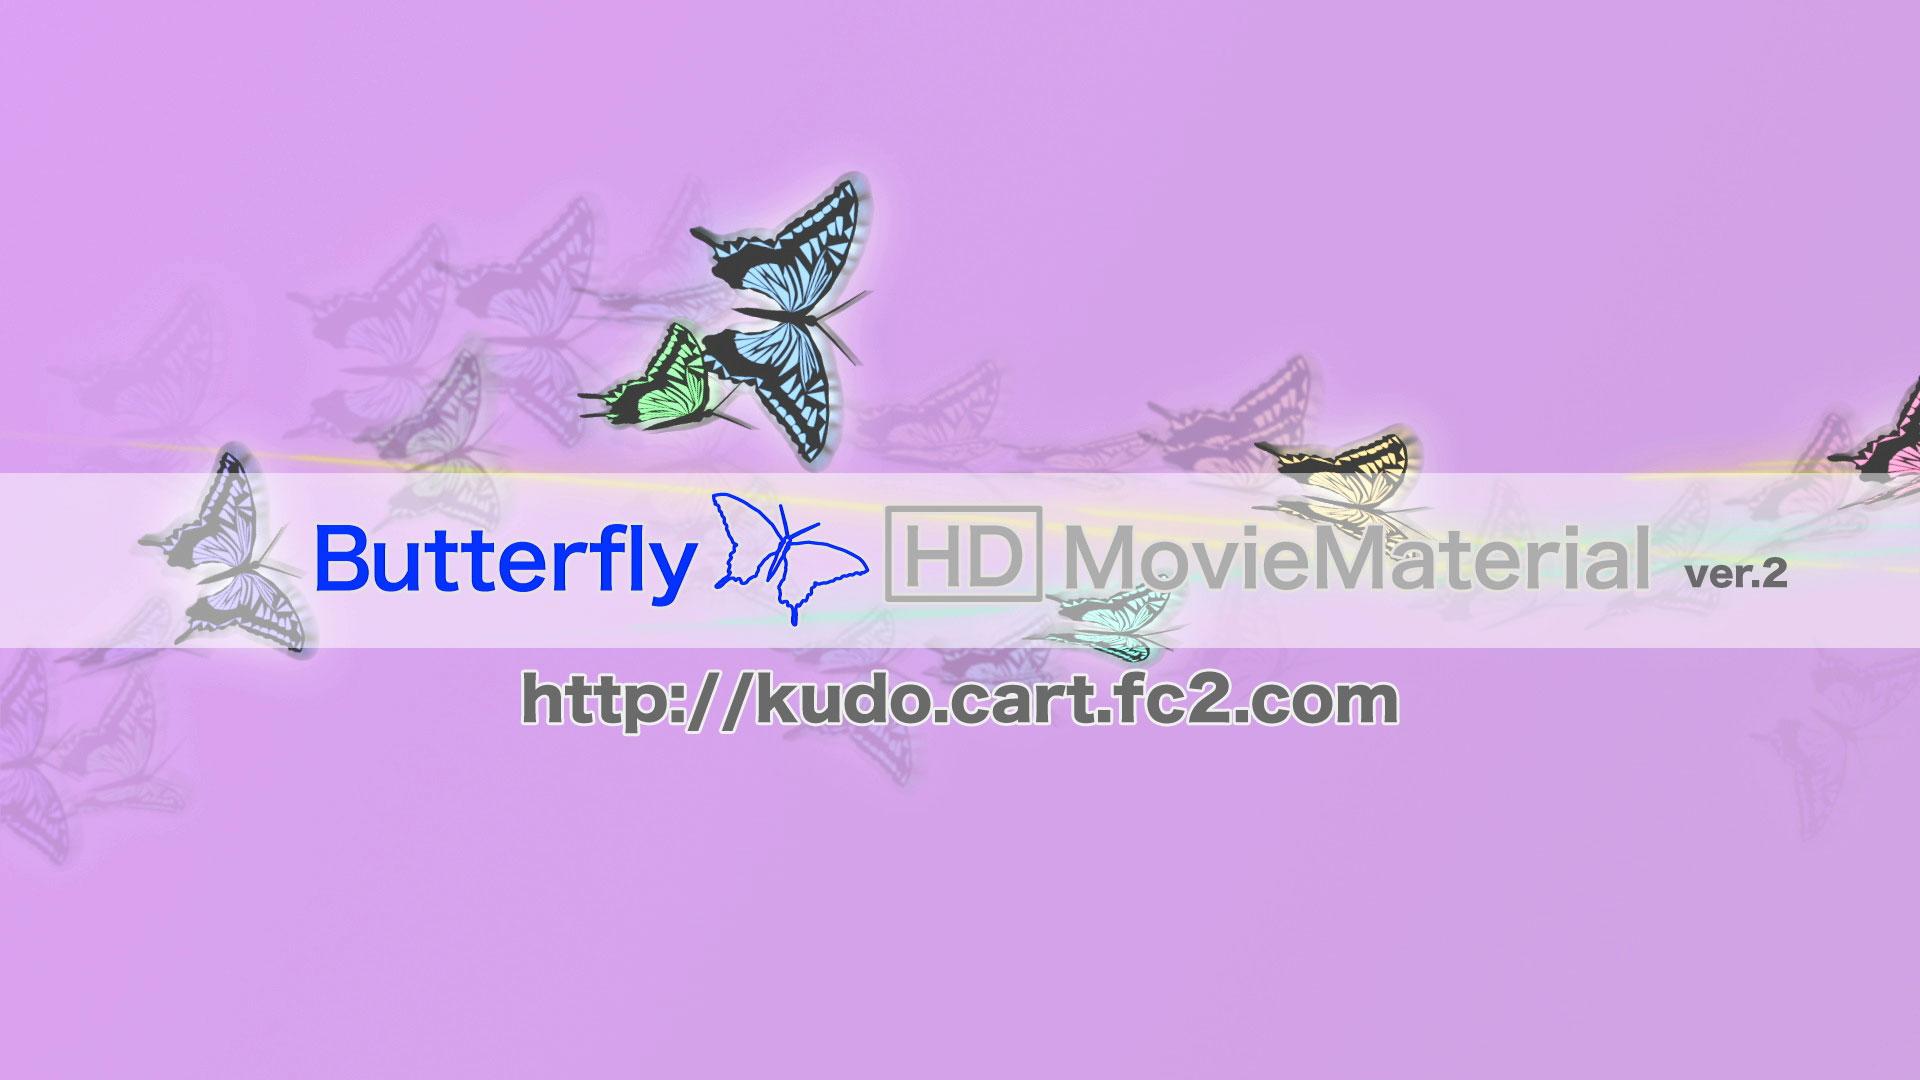 蝶のハイビジョンCG動画素材集【Butterfly HD MovieMaterial】2